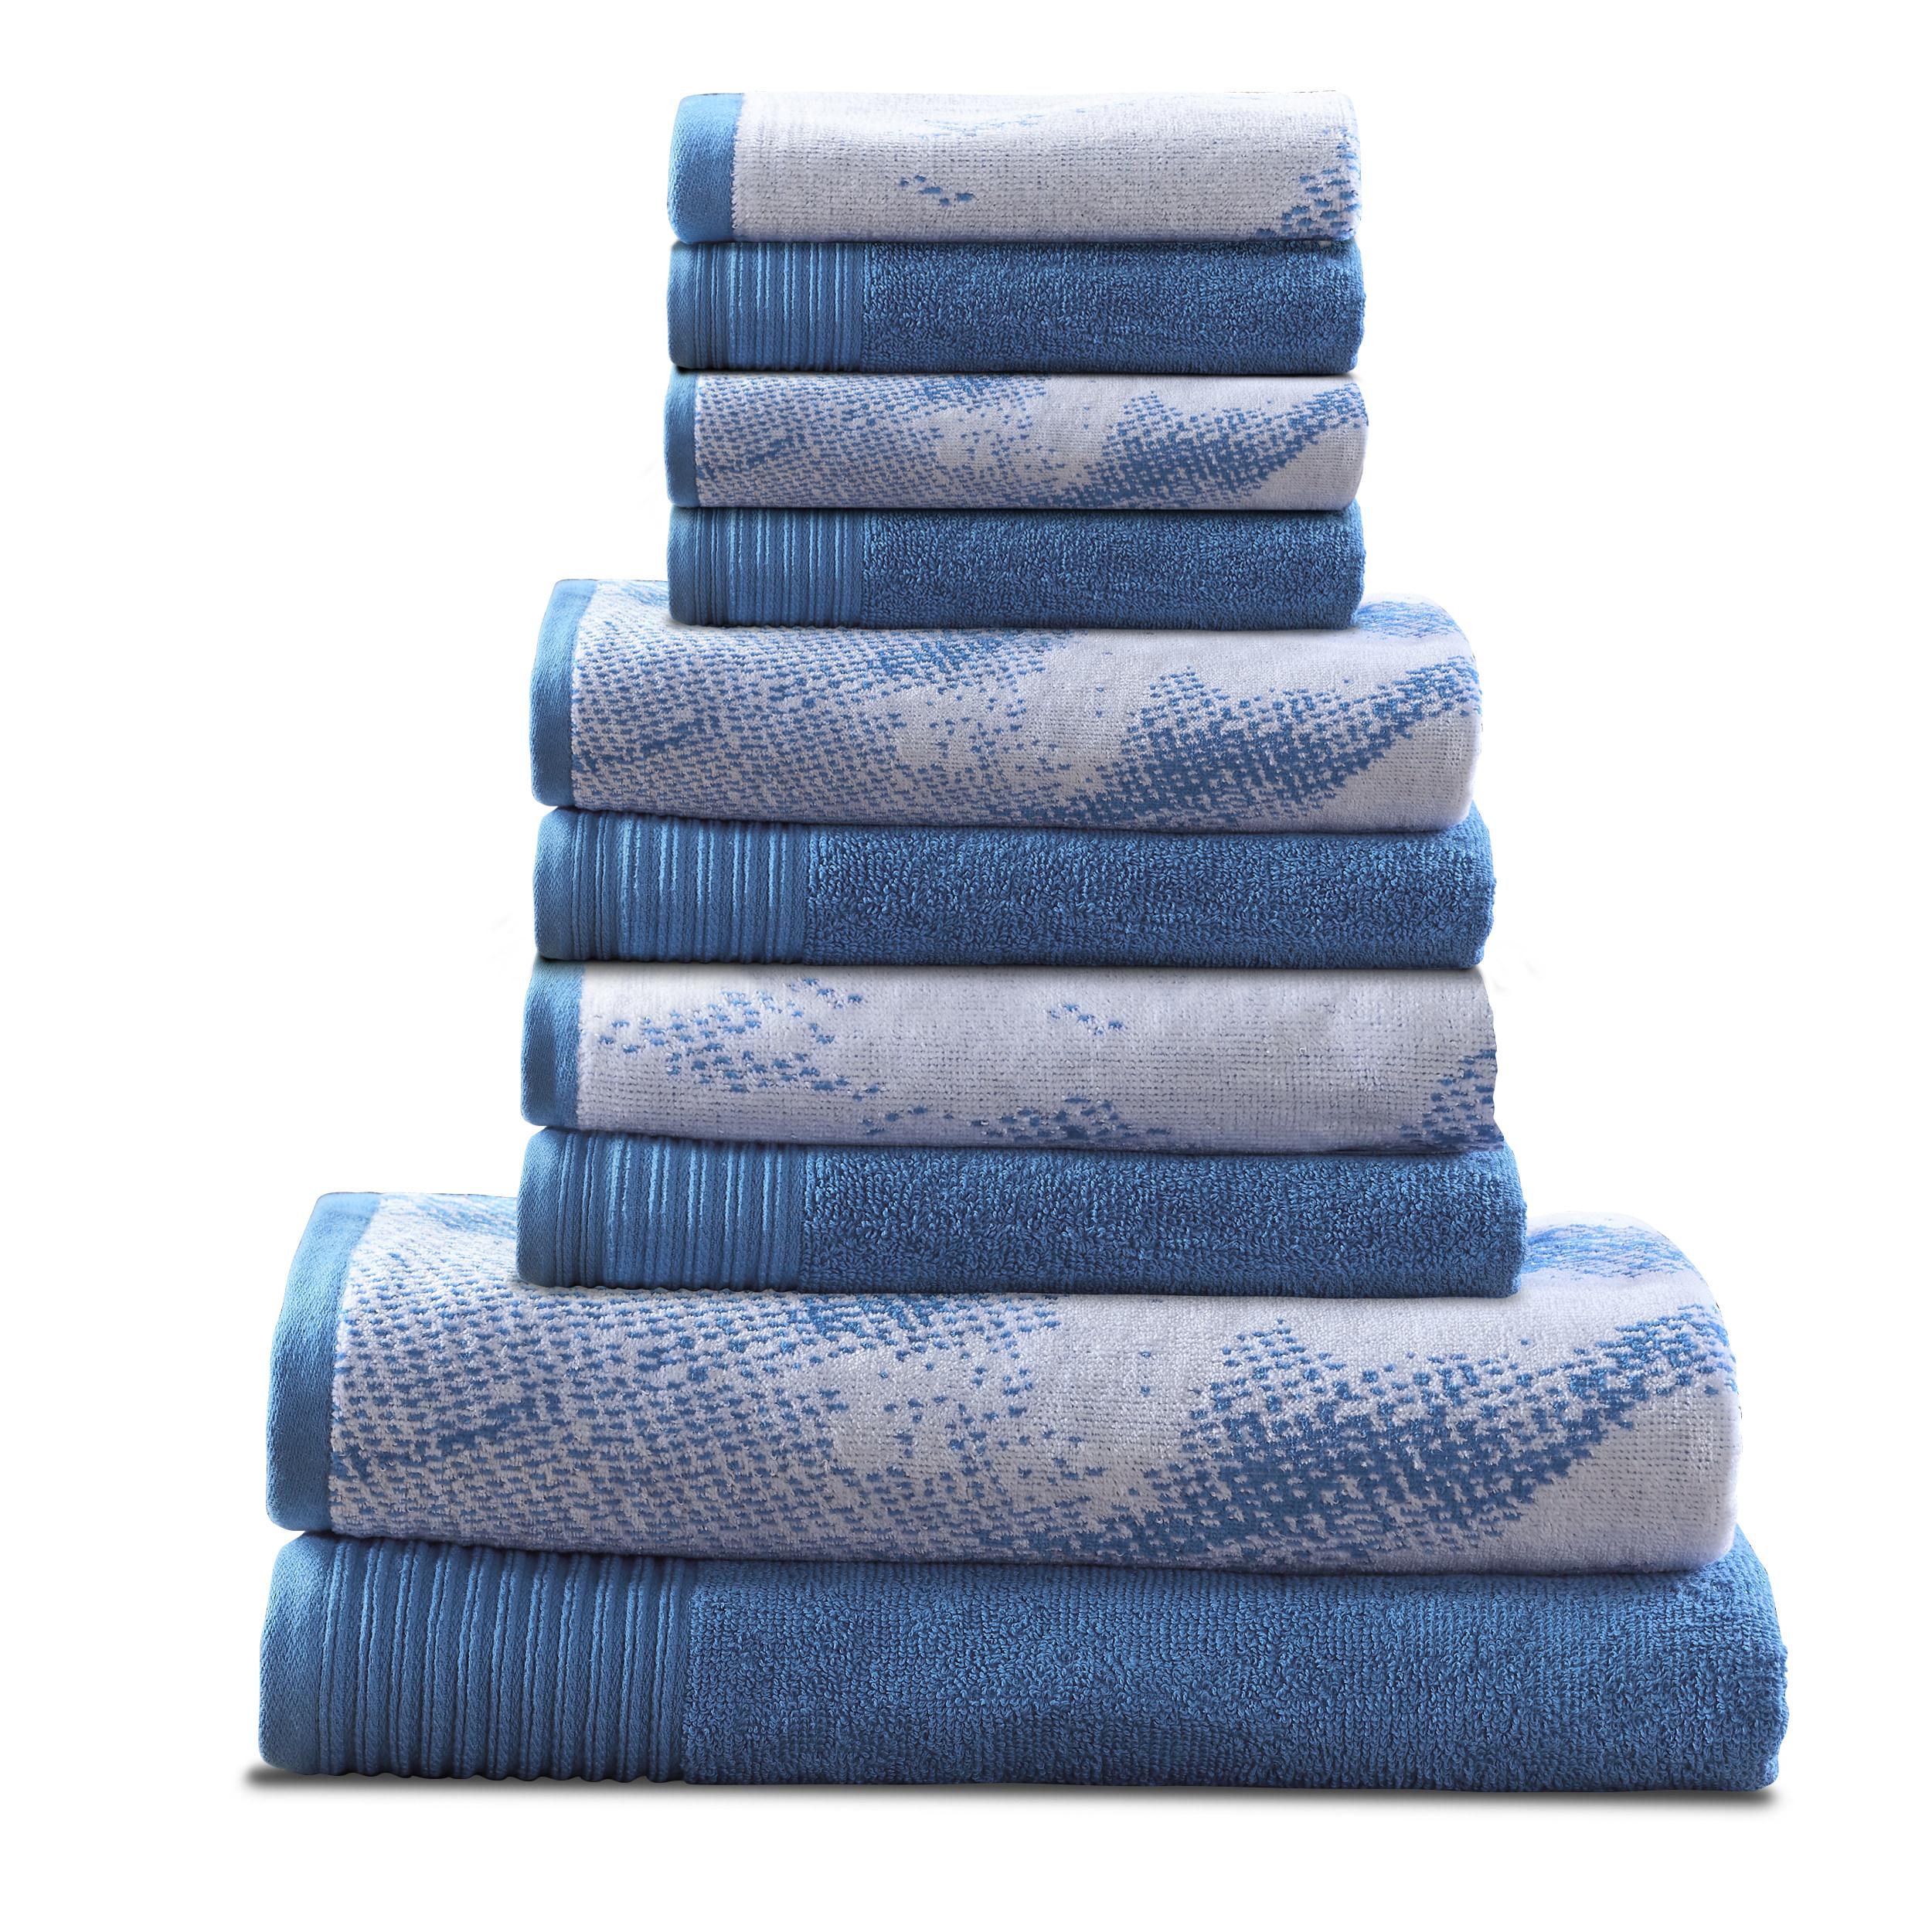 10 PC 100% Cotton Marble Effect Towel Set